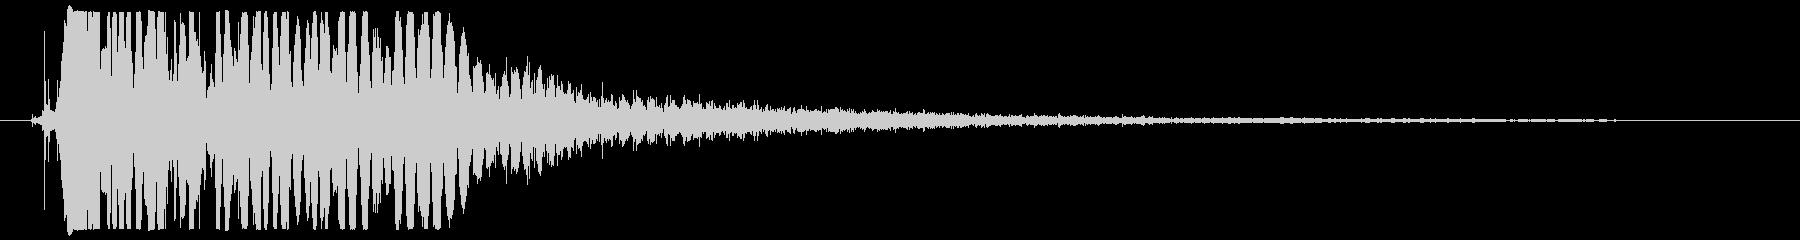 レーザーガン:シングルローピンショットの未再生の波形